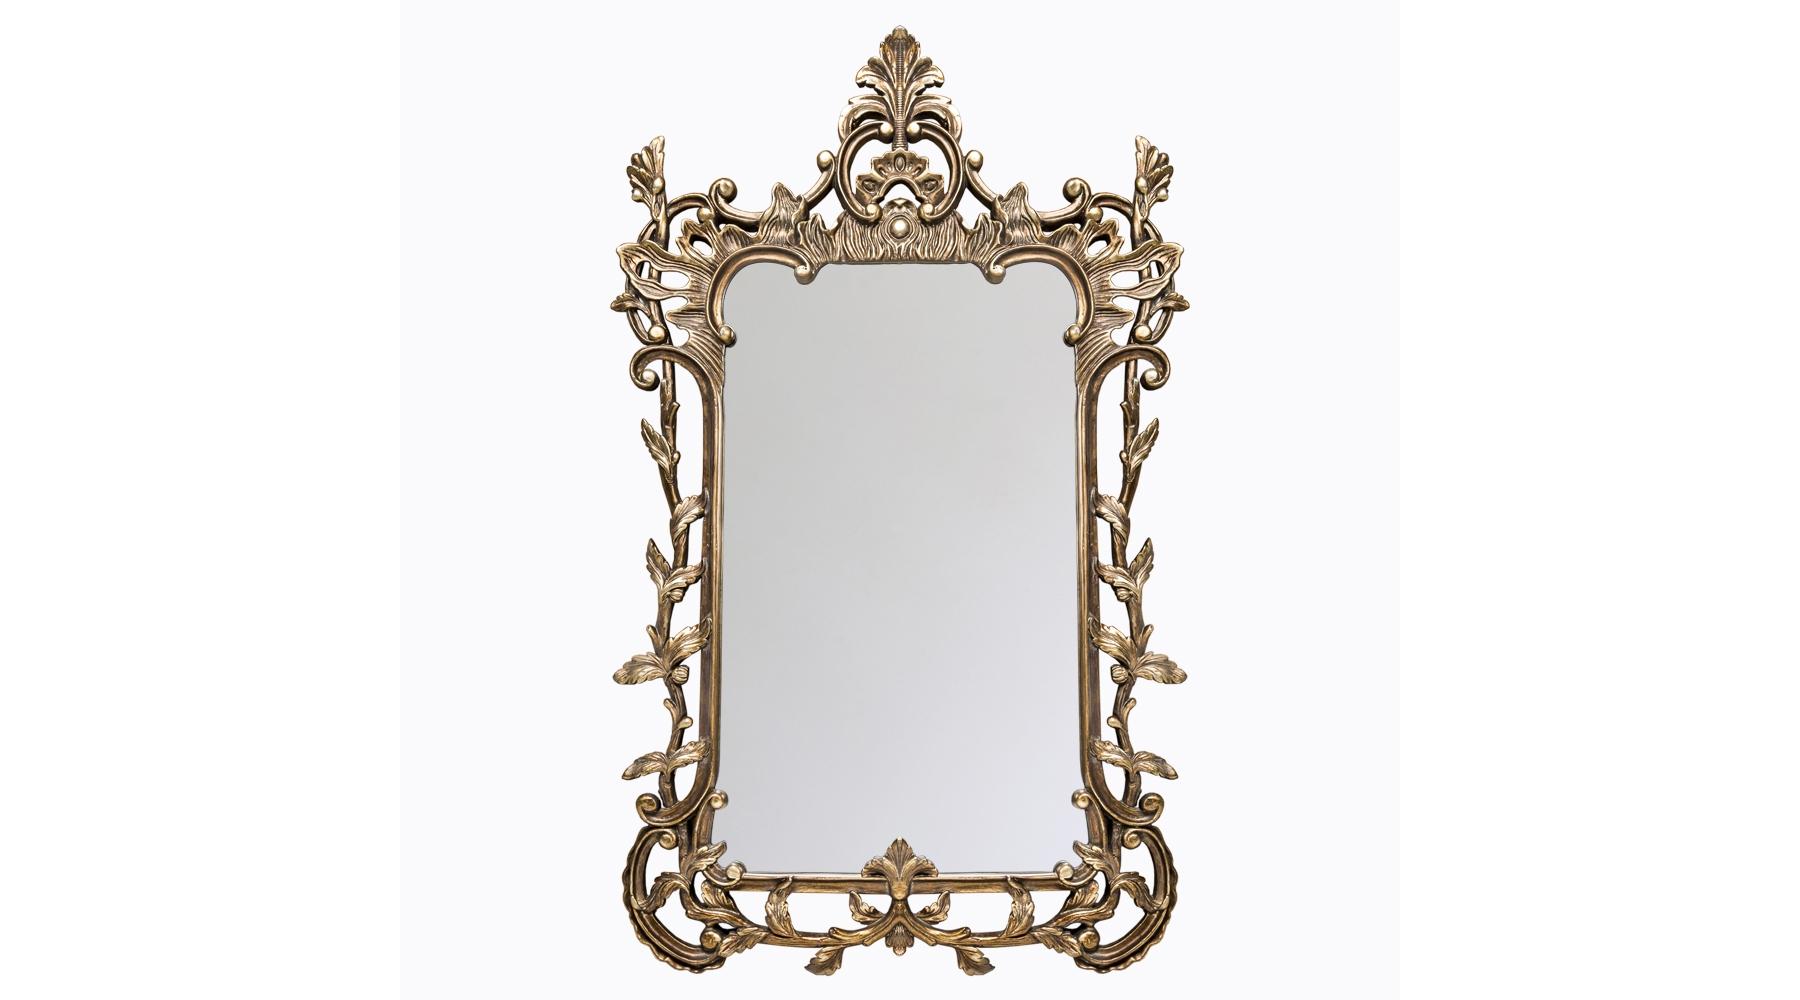 Настенное зеркало «Мирей»Настенные зеркала<br>Зеркало в изысканном античном стиле обрамлено в роскошную резную раму цвета старинной бронзы. Обрамление изготовлено из мебельного полиуретана. Этот современный материал прочнее многих металлов, поэтому за сохранность тонкой резьбы можно не волноваться. Он также долговечен, не боится влаги, не требует специфического ухода. Толщина зеркала составляет 5 мм, сверху оно покрыто слоем серебряной амальгамы. Оно отличается идеально ровной поверхностью, отражает объекты без искажений и не подвержено коррозии. Вес: 9,8 кг.<br><br>Material: Полиуретан<br>Width см: 94<br>Depth см: 6,4<br>Height см: 152,5